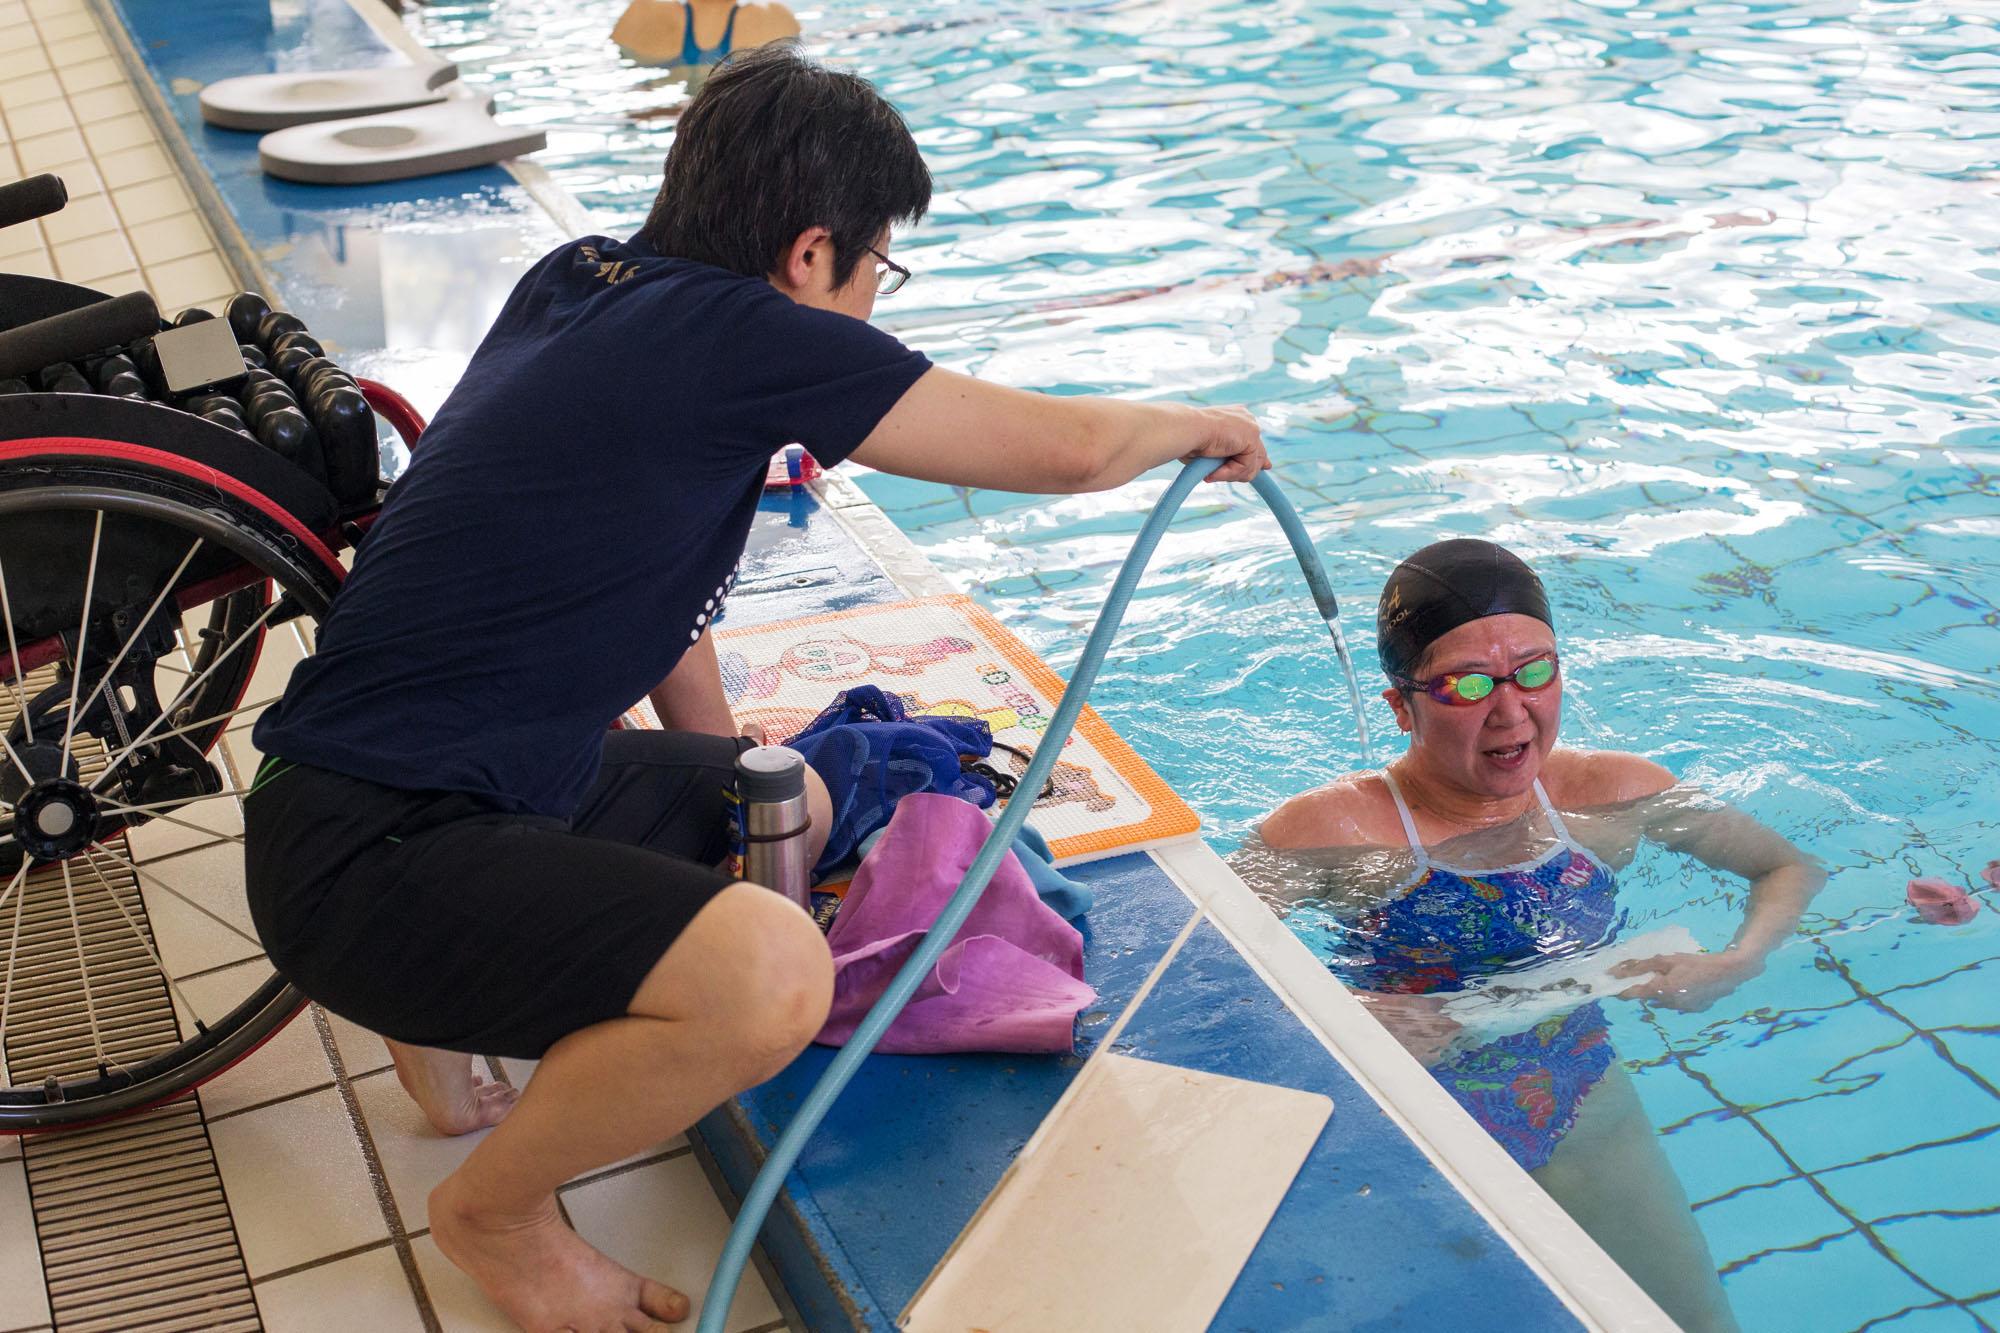 成田は下半身麻痺で体温調整が困難なため、激しい練習を続けるとホースからの冷水で身体を冷やすことが必要となる(撮影:越智貴雄)